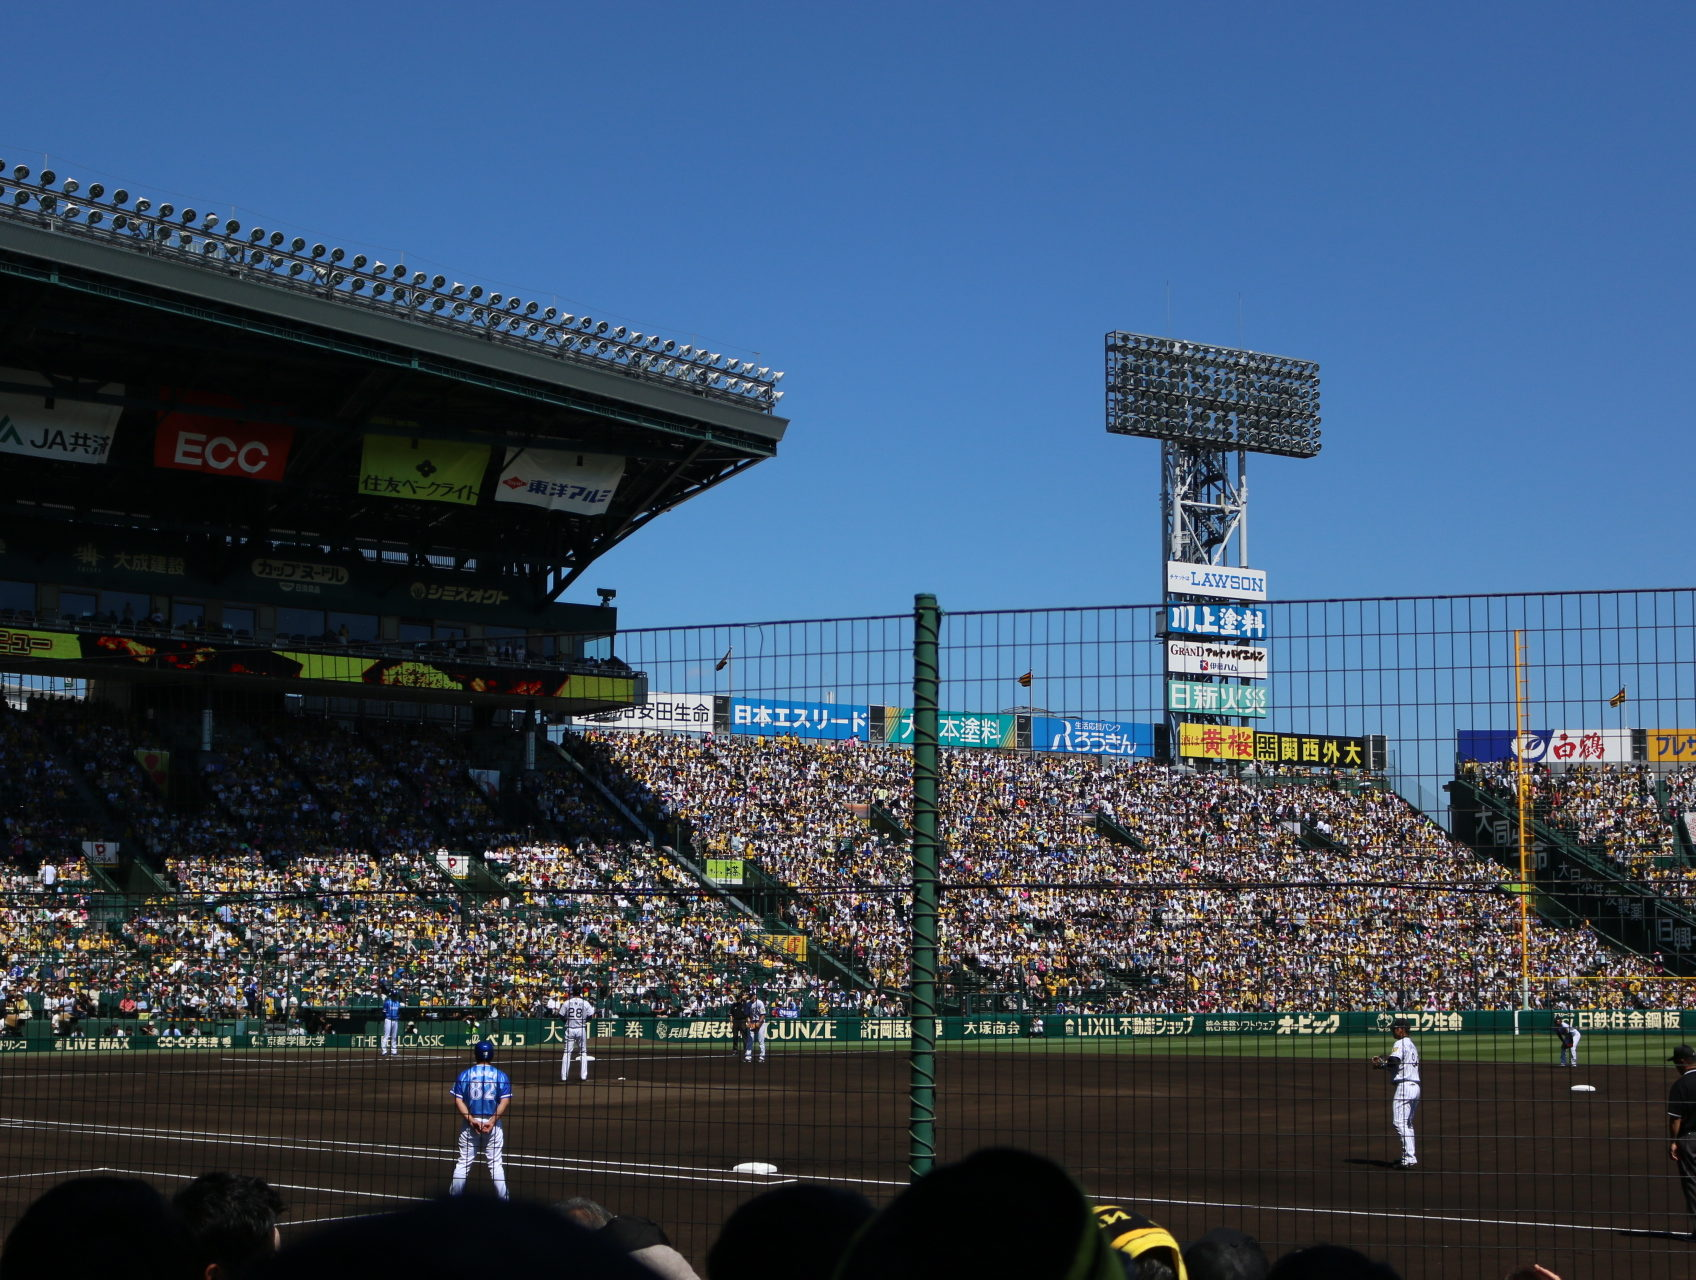 選手との距離が近い!甲子園球場のSMBCシートで阪神戦を楽しむ